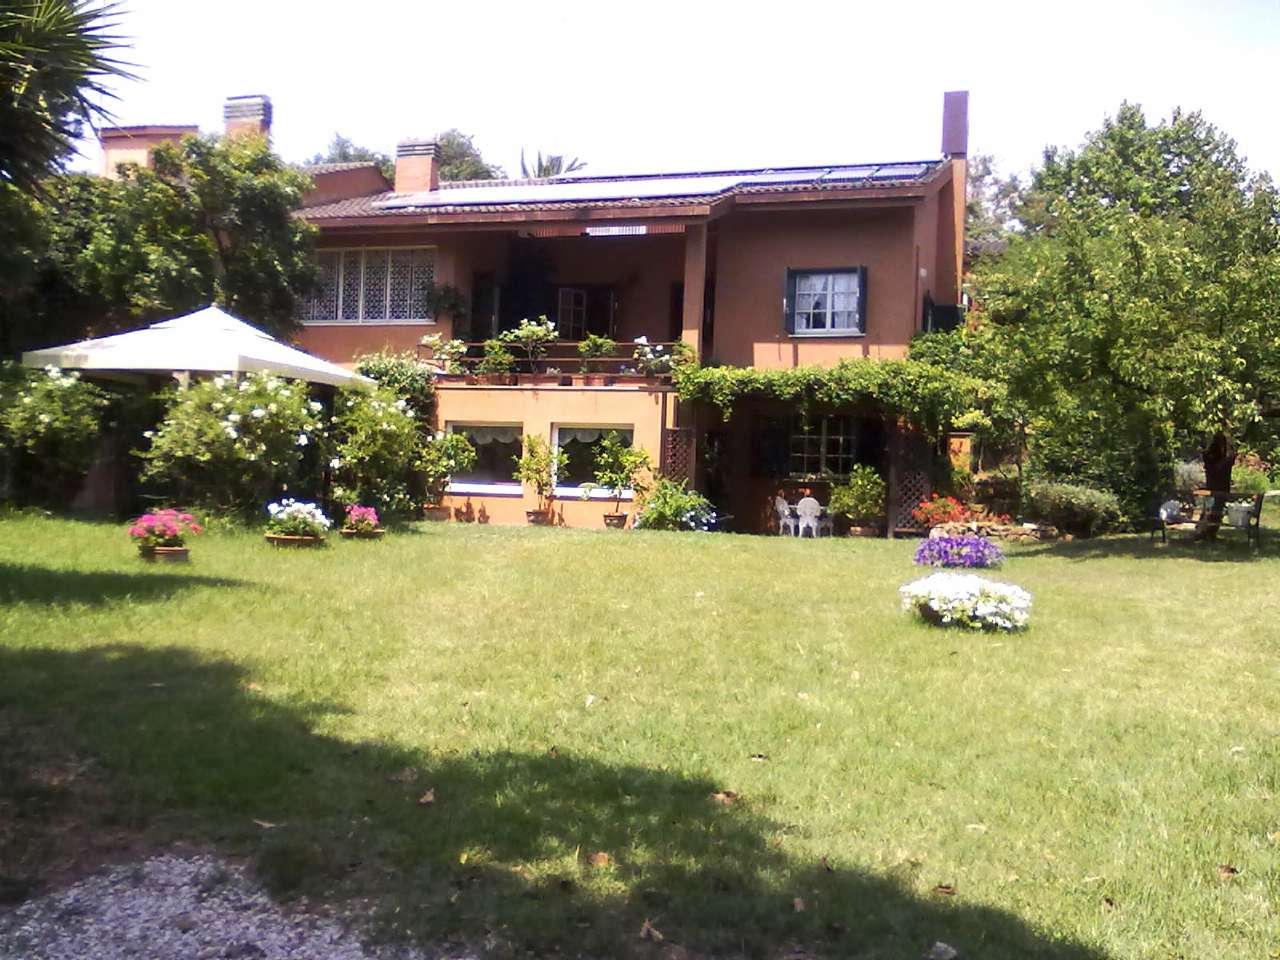 Villa in vendita a Roma, 16 locali, zona Zona: 23 . Portuense - Magliana, prezzo € 970.000 | CambioCasa.it